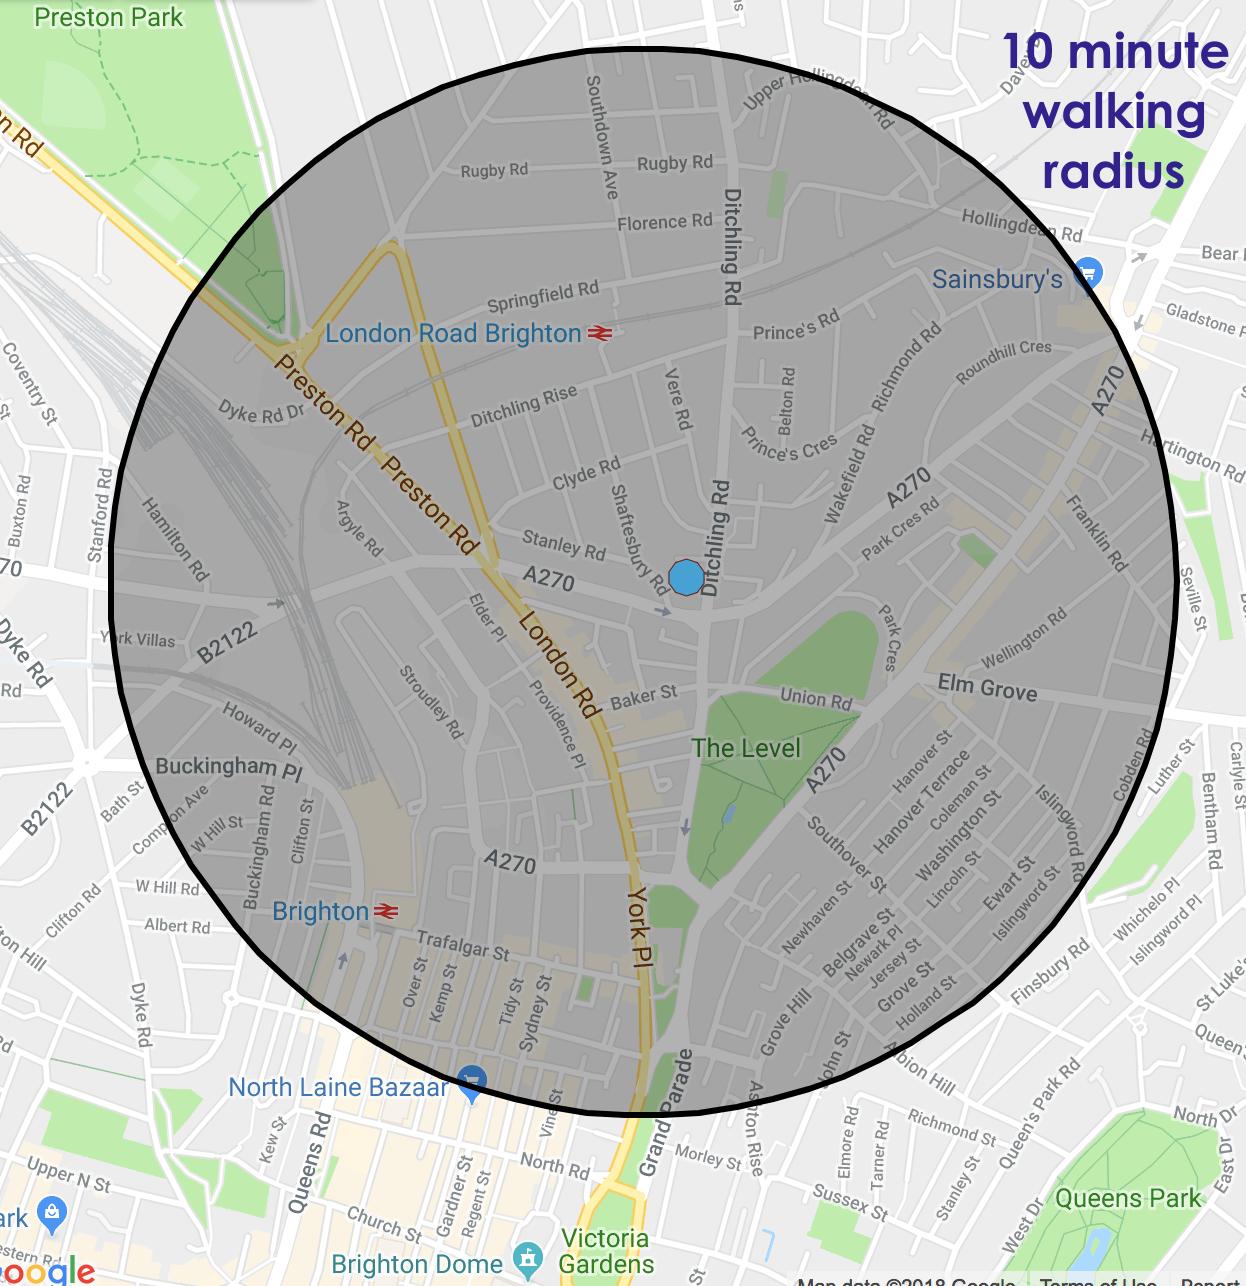 10 min walking radius map.jpg.png